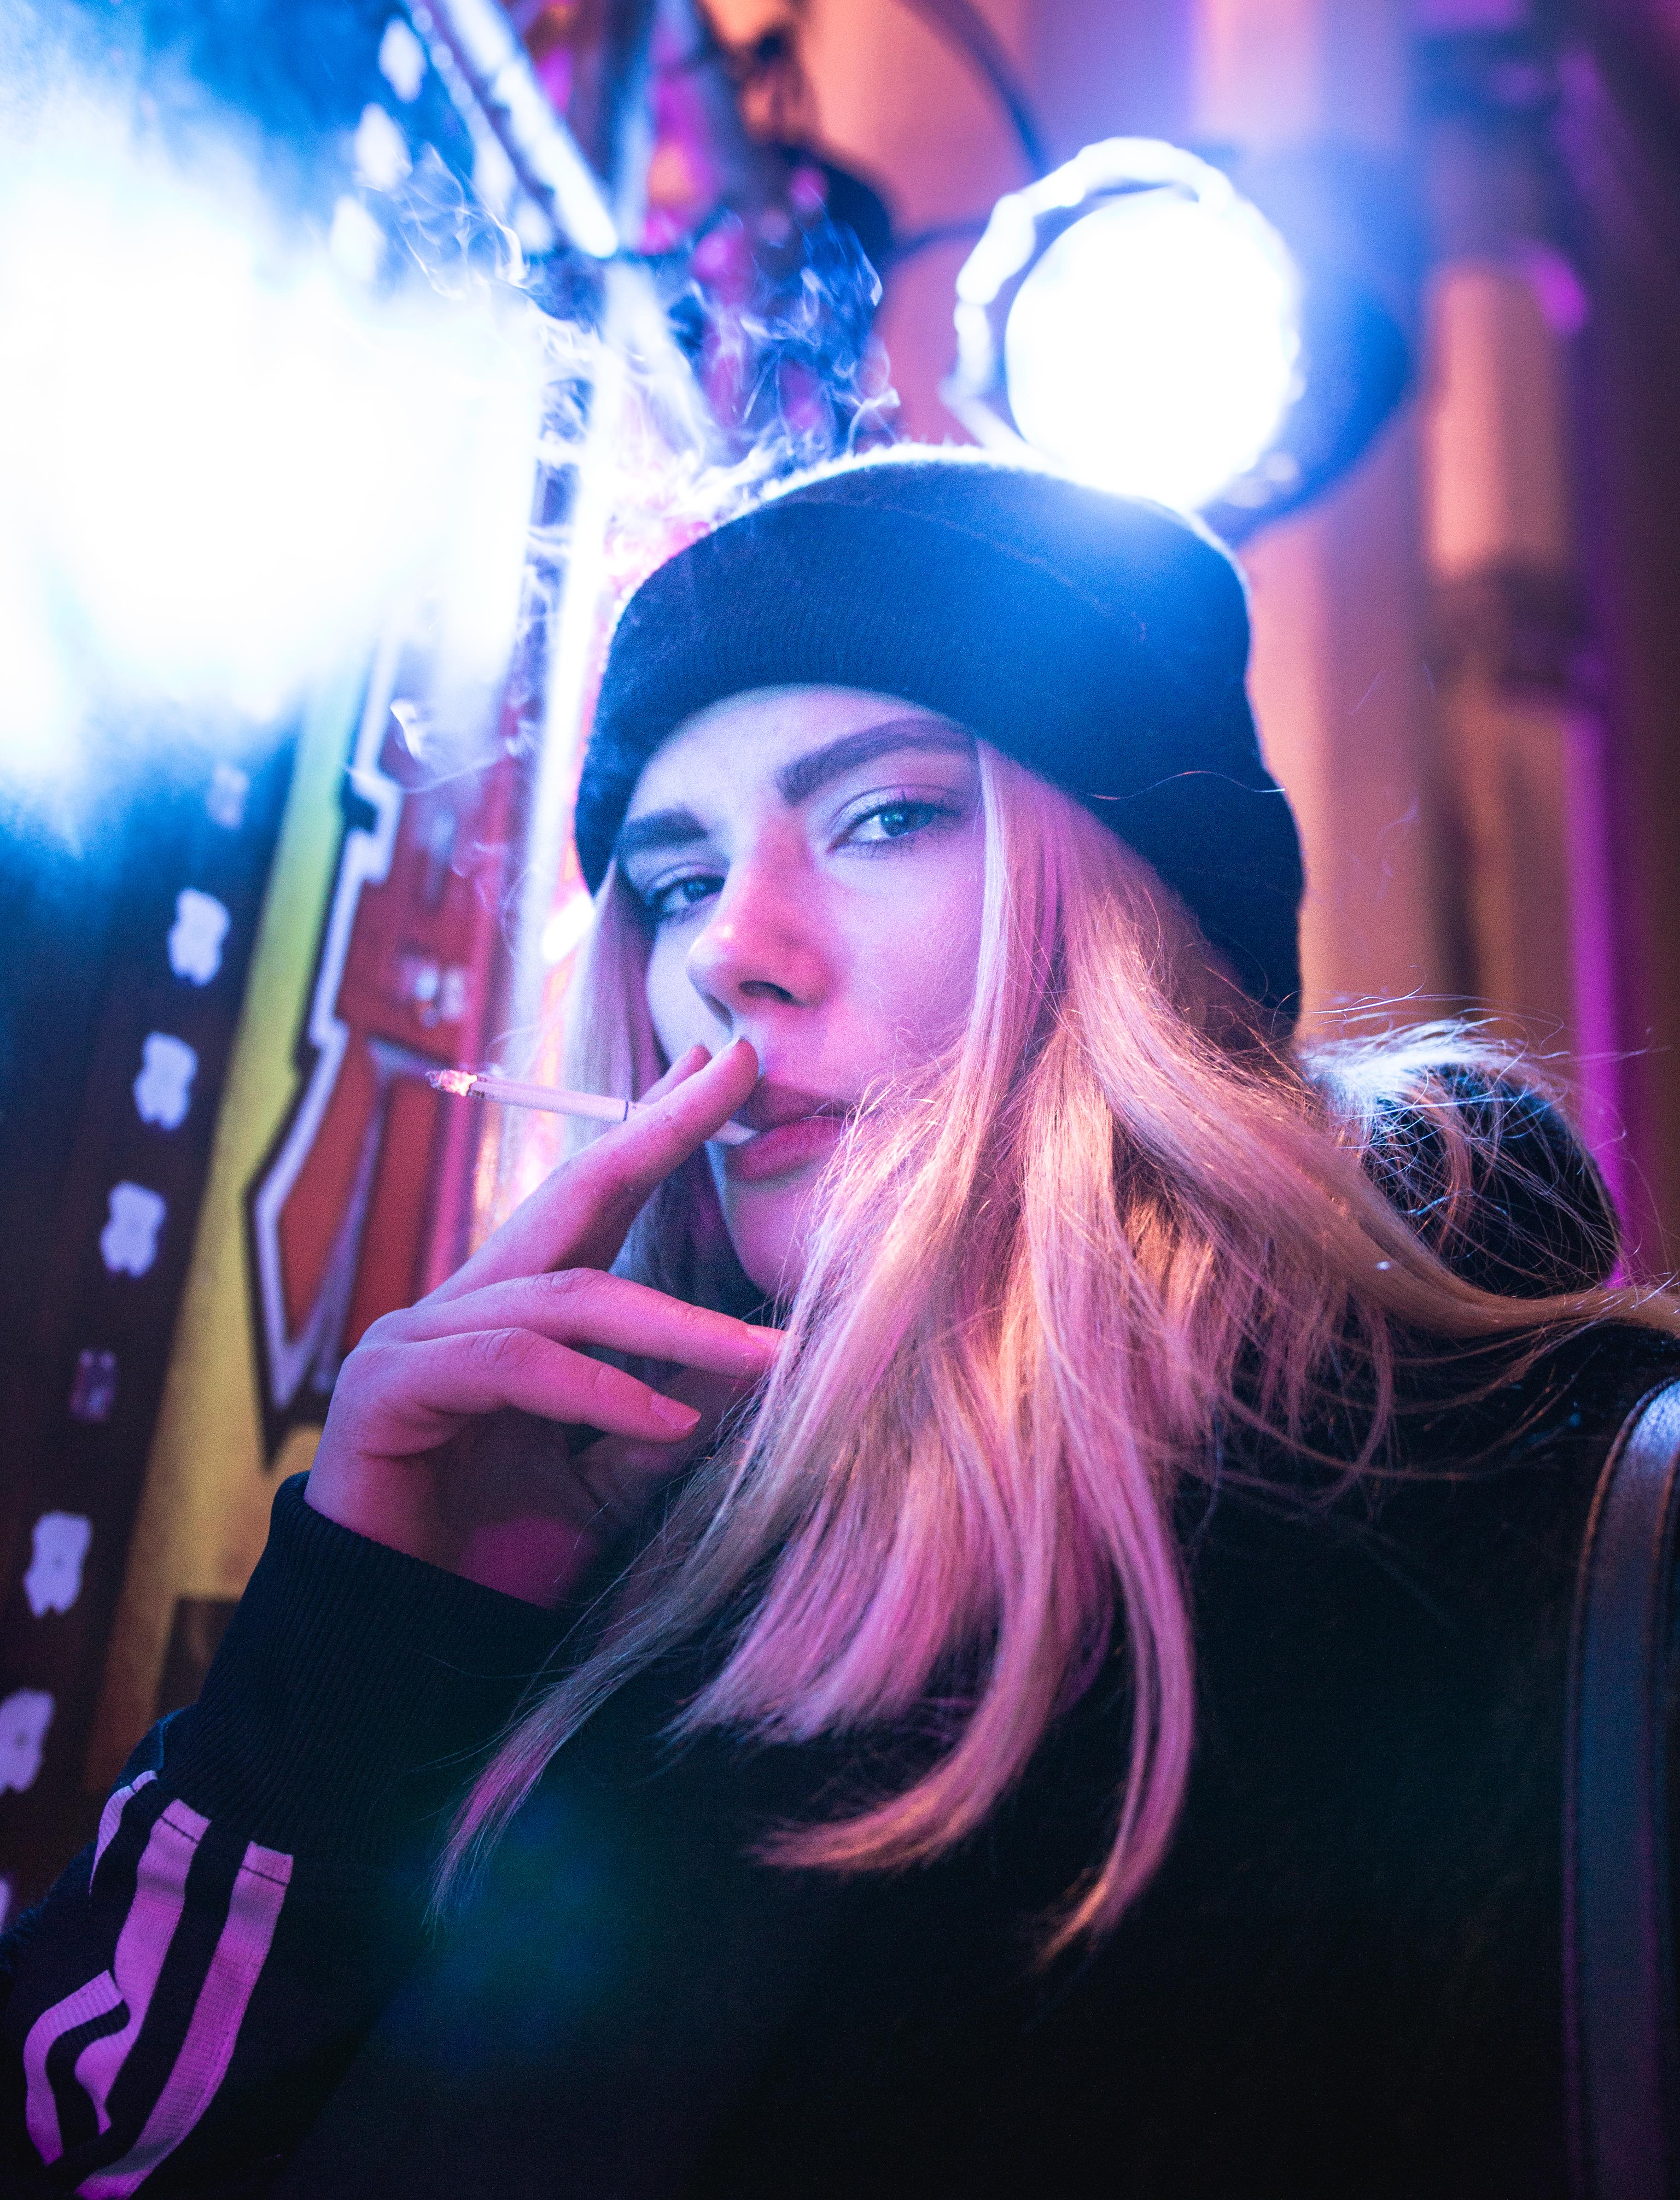 Fajčenie blondínky